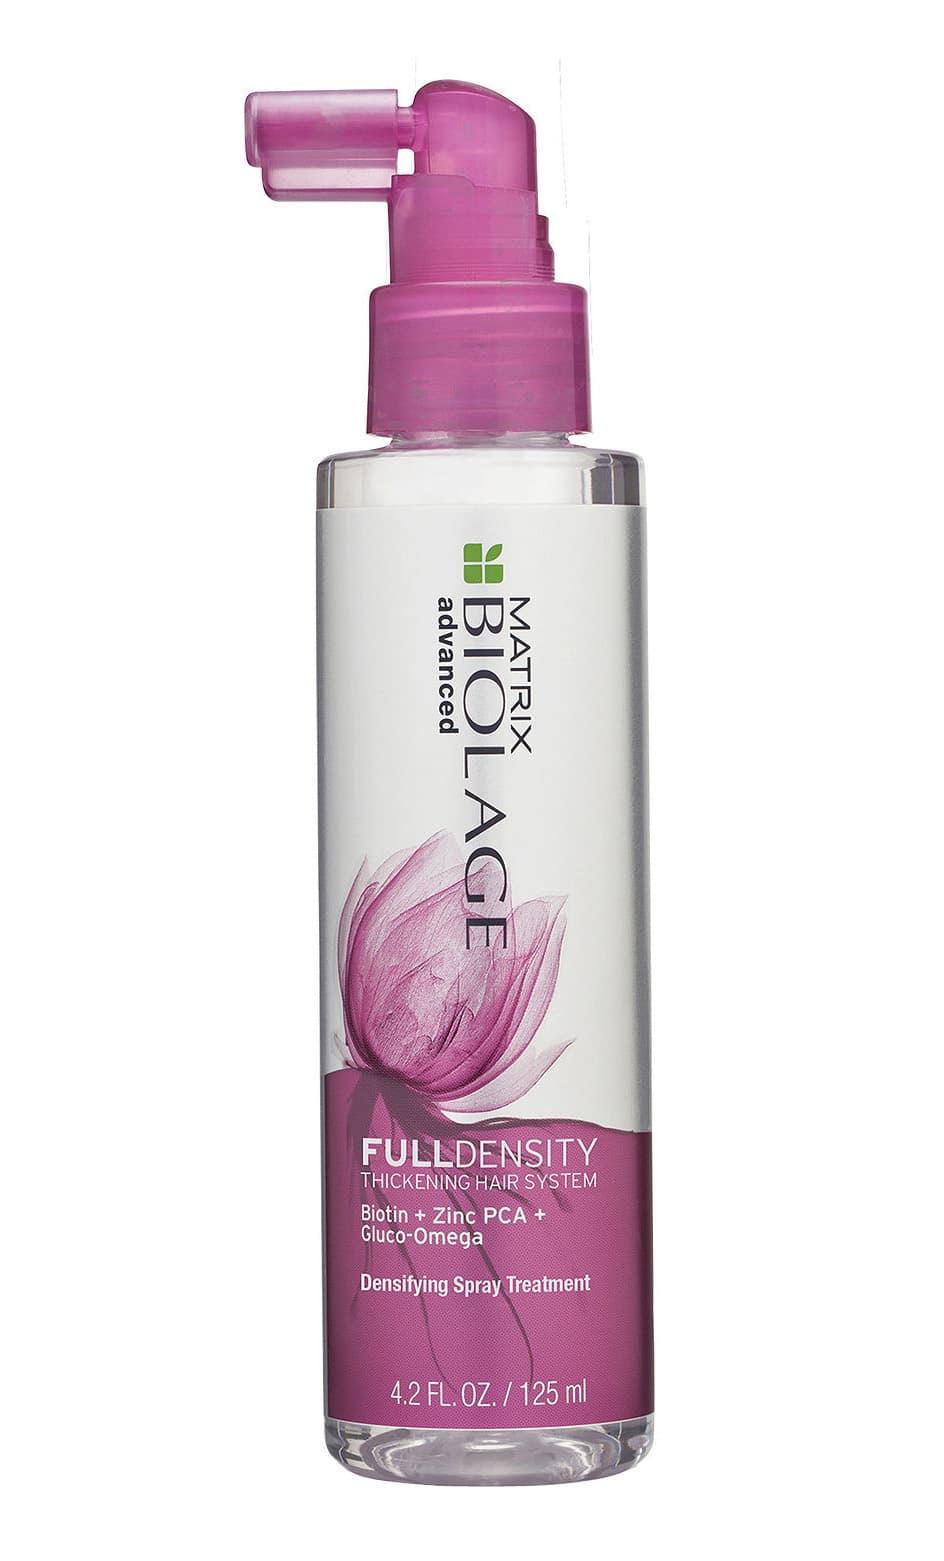 Biolage Fulldensity Уплотняющий Спрей Для Тонких ВолосУход за волосами<br>УПЛОТНЯЮЩИЙ СПРЕЙ FULLDENSITY Гамма BIOLAGE FULLDENSITY  ФуллДенсити  увеличивает диаметр волоса и сокращает его ломкость для придания волосам видимой густоты  Спрей-уход мгновенно придает толщину волокнам волоса  увеличивая их диаметр до 9  уже после 1 использования Увеличение диаметра существующих волос после использования Уплотняющего спрея При использовании системы из ФУЛЛДЕЭНСИТИ шампуня и кондиционера<br>Type: 125 мл;